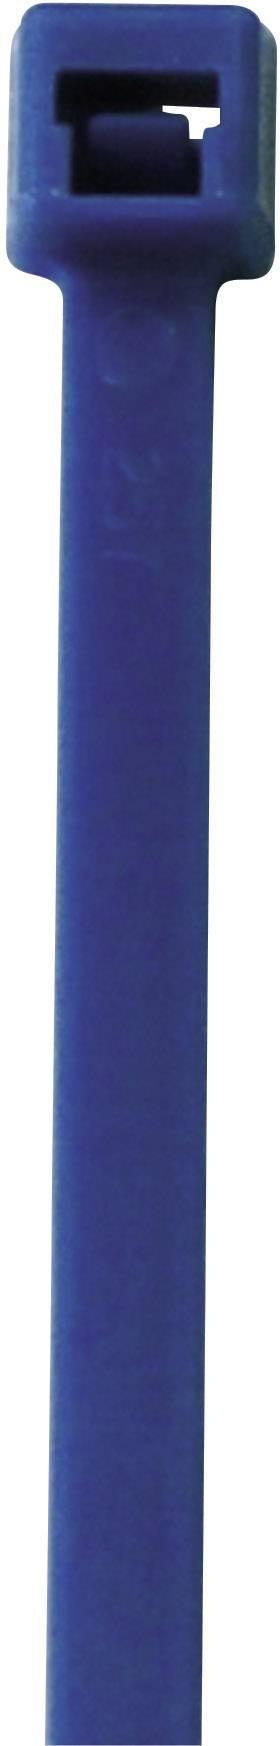 Neonska kabelska vezica, fluorescenčna (D x Š) 285 mm x 4.6 mm oranžna, 50 kosov, PB Fastener